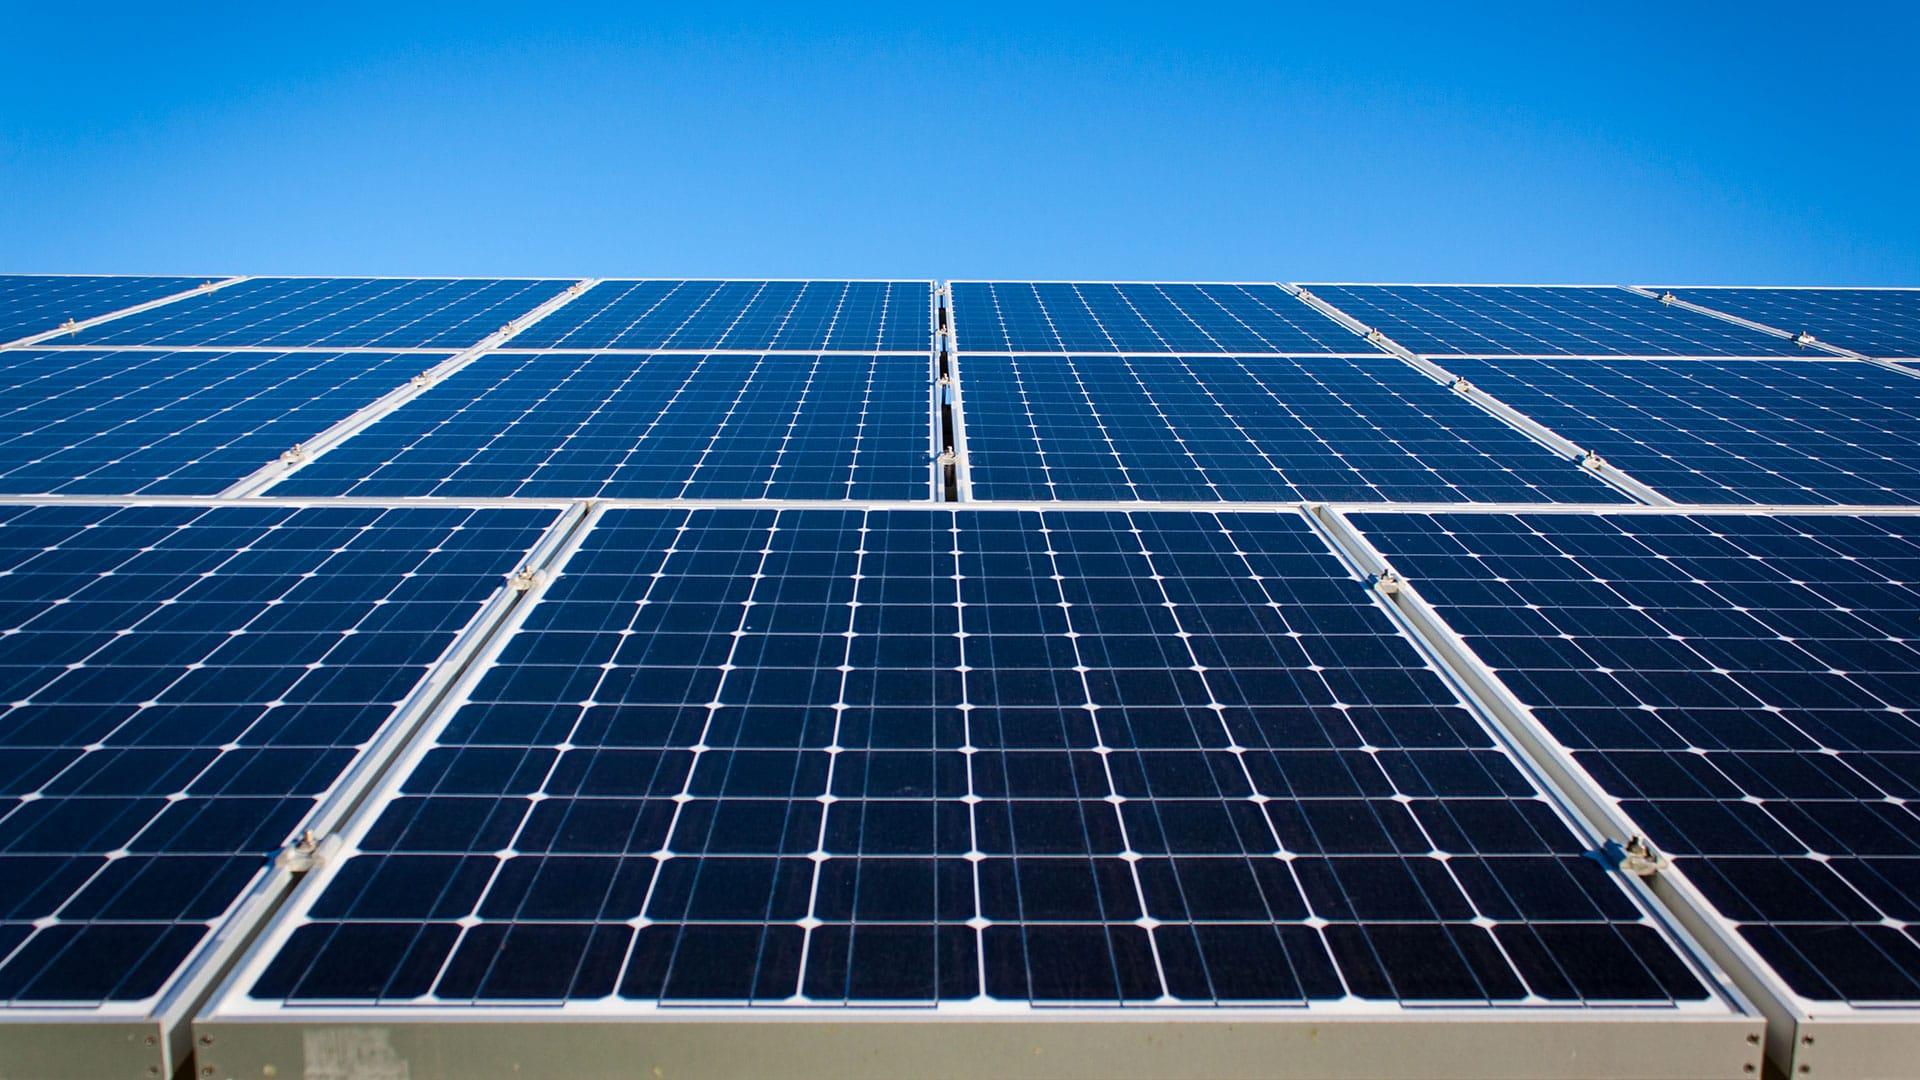 Espansione e raddoppio del fotovoltaico in Europa